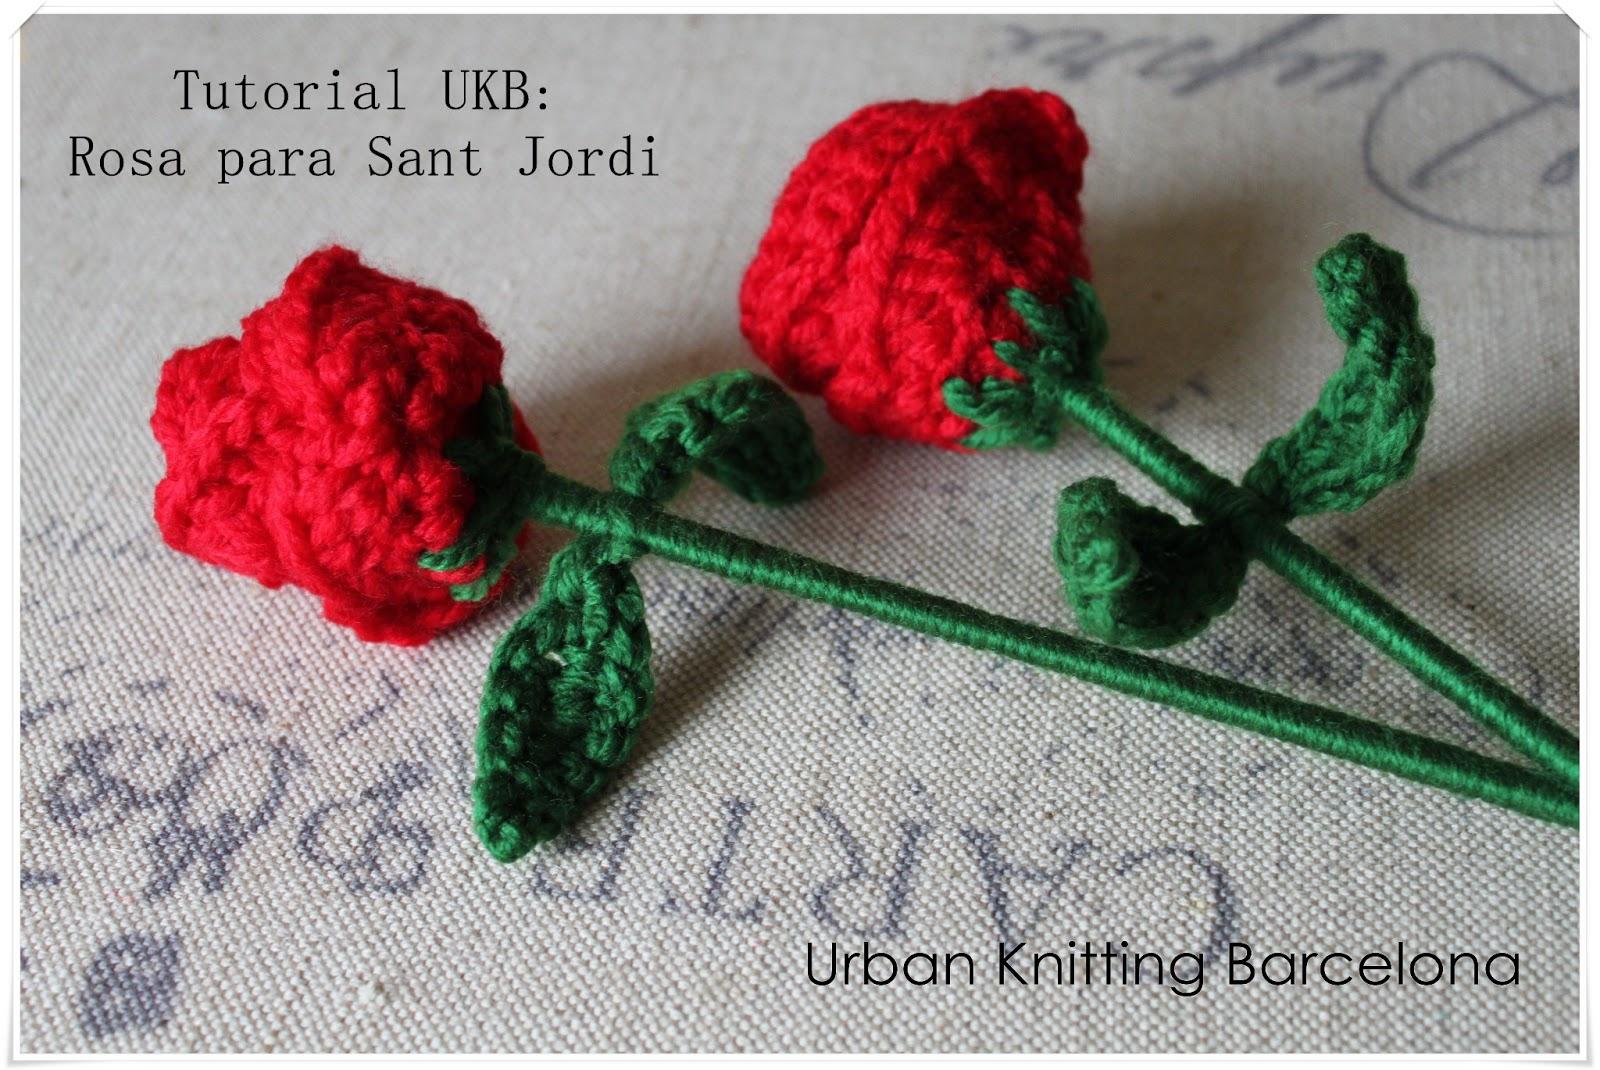 Tutorial rosa de Sant Jordi